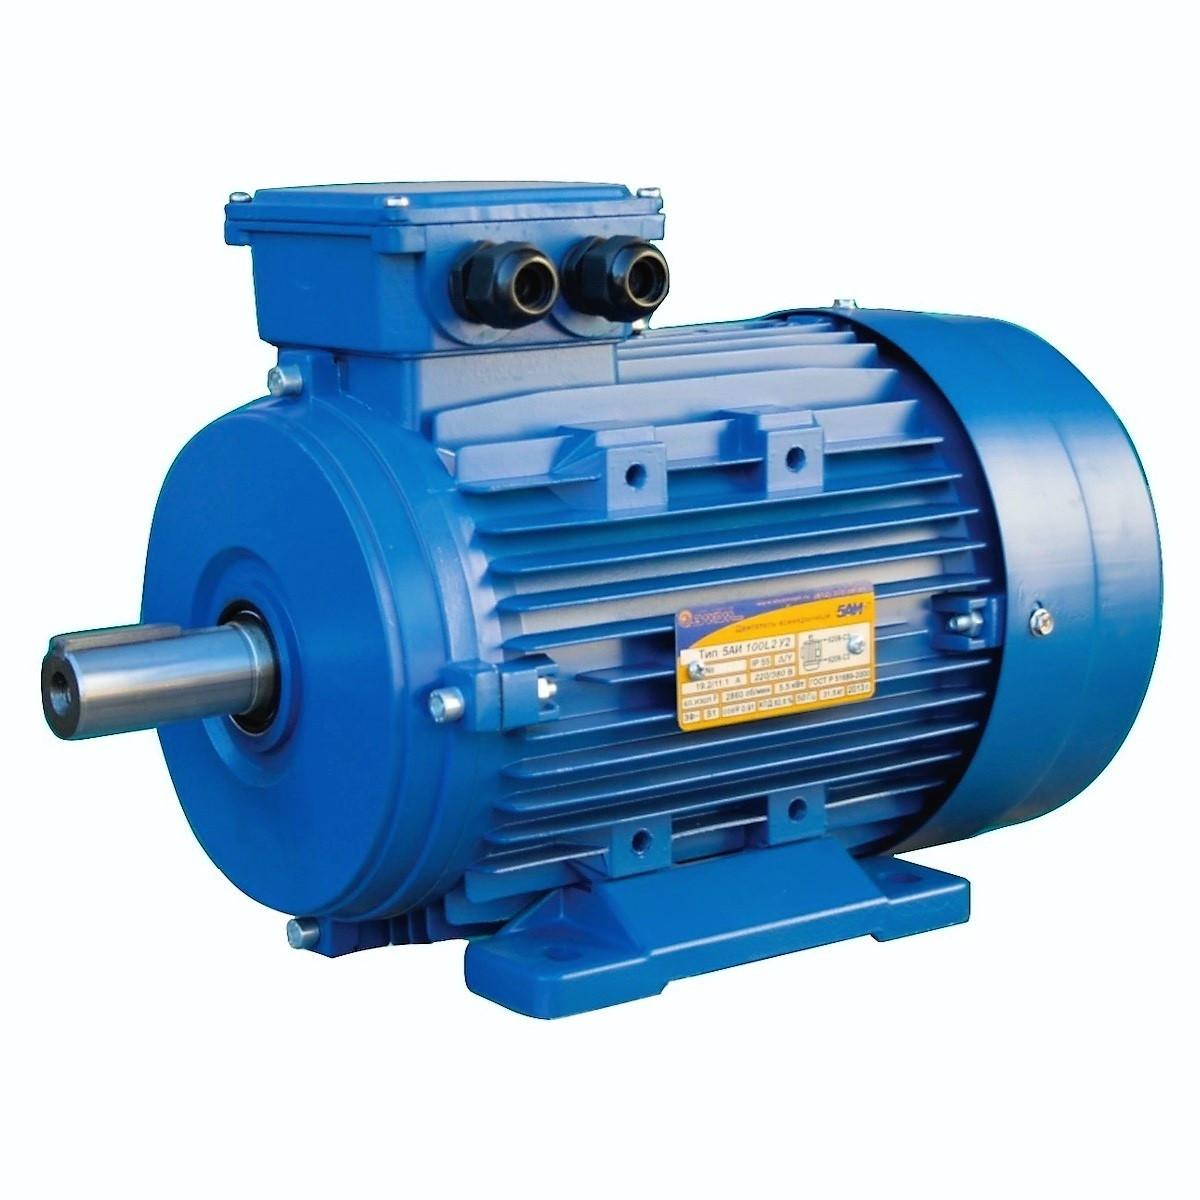 Электродвигатель 5АИ 90 l2 3кВт, 3000 об/мин